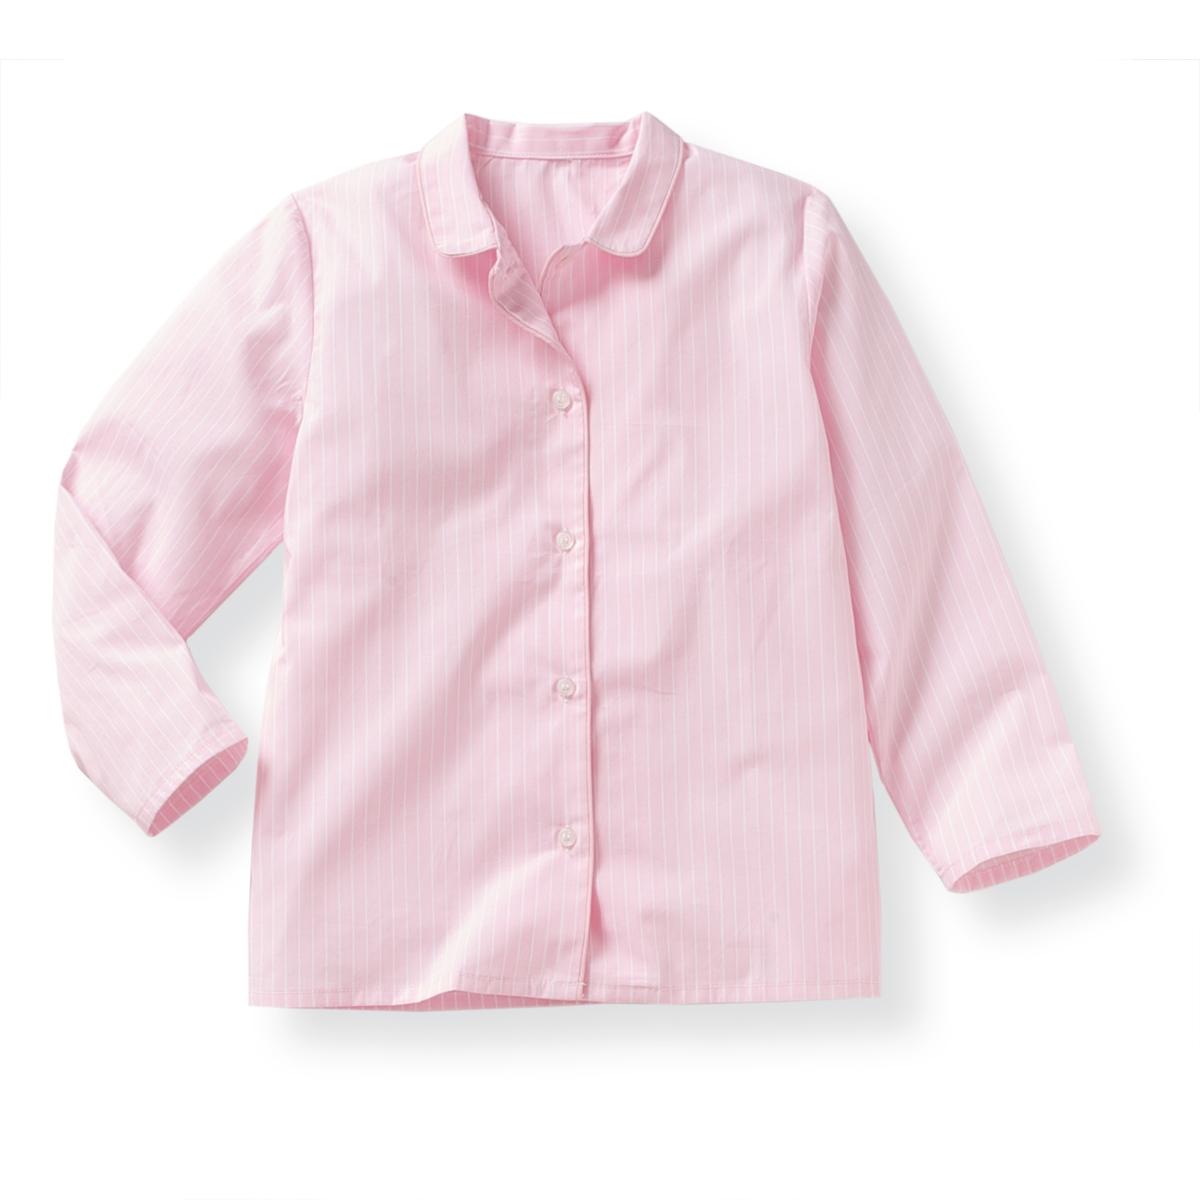 Пижама в полоску, 2-12 летПижама в полоску: куртка и брюки. Куртка с закругленным отложным воротником и застежкой на пуговицы. Широкие брюки с эластичным поясом. Состав и описание : Материал      полотно, 100% хлопокМарка      R essentiel  Уход :Машинная стирка при 30 °C с вещами схожих цветов.Стирать и гладить с изнаночной стороны.Машинная сушка в умеренном режиме.Гладить при низкой температуре<br><br>Цвет: в полоску<br>Размер: 2 года - 86 см.10 лет - 138 см.8 лет - 126 см.6 лет - 114 см.4 года - 102 см.3 года - 94 см